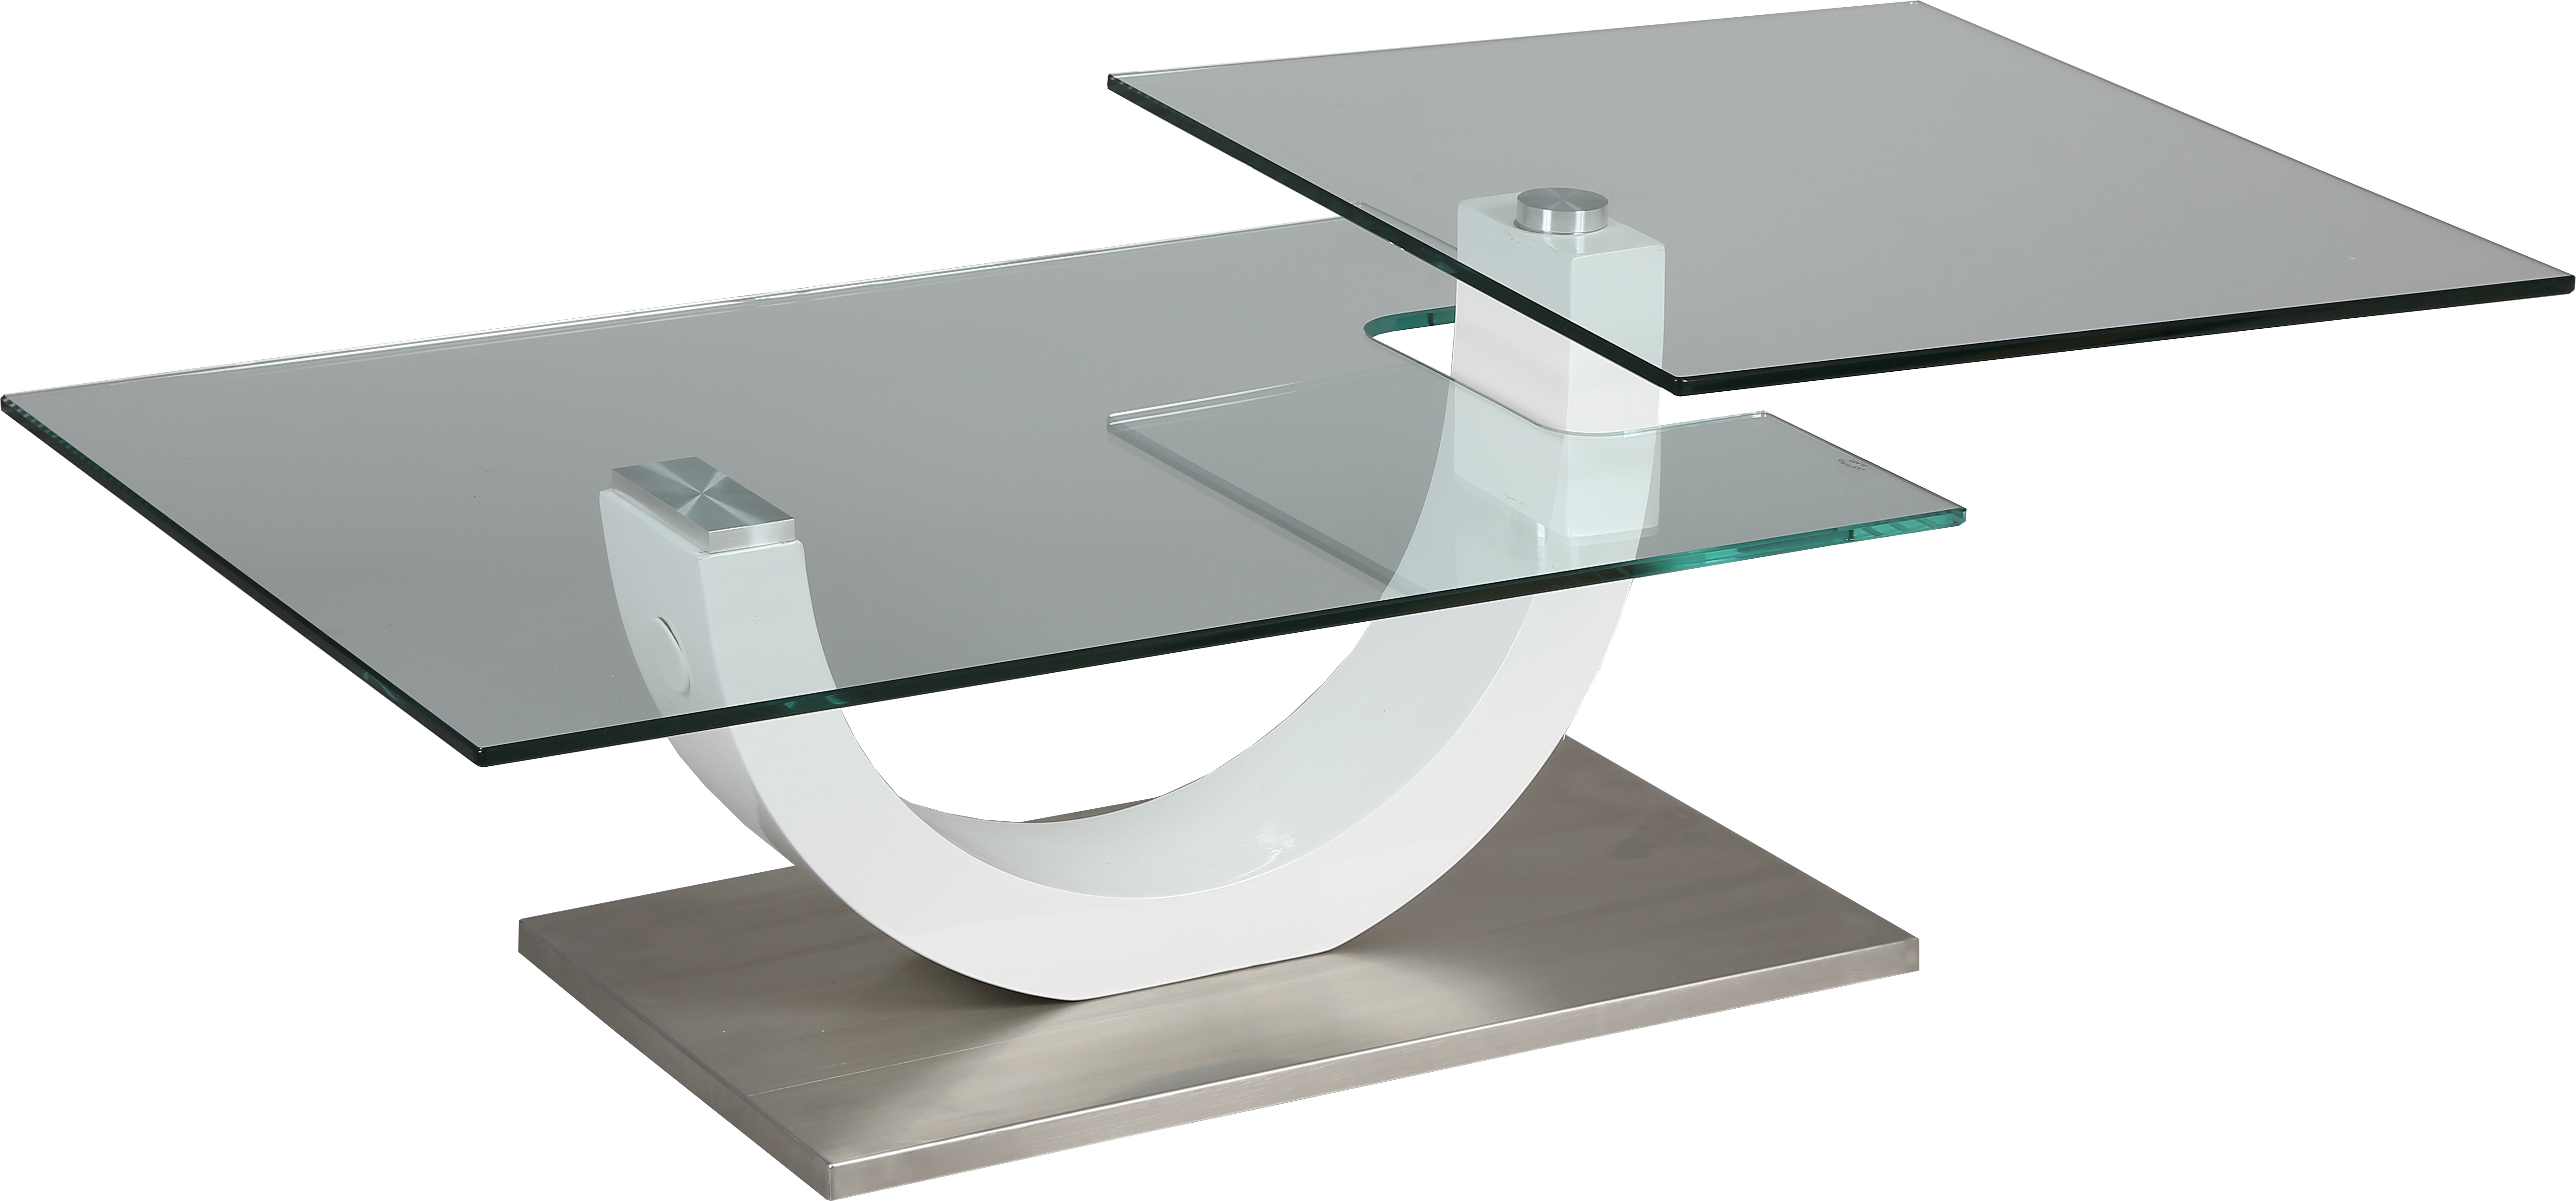 Table basse plateau pivotant pas cher - Table basse pivotant pas cher ...